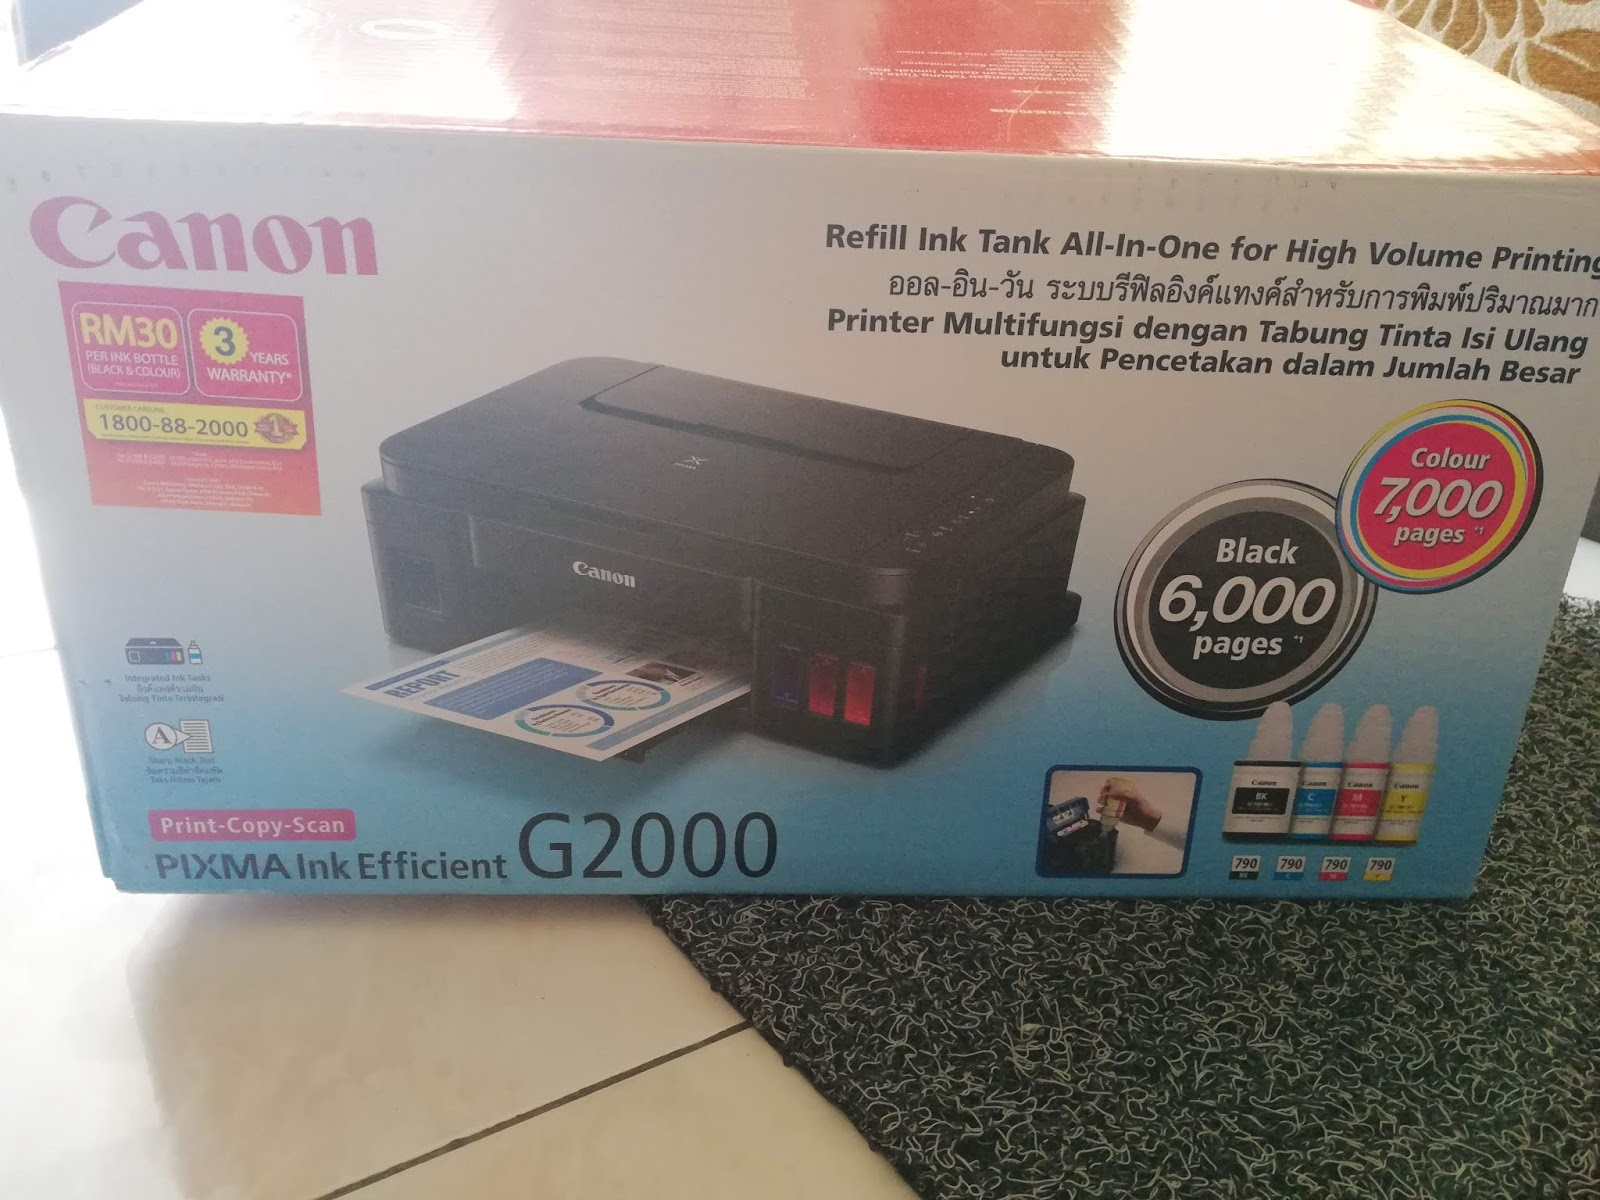 小皇帝部落格: Canon PIXMA G2000 cannot print